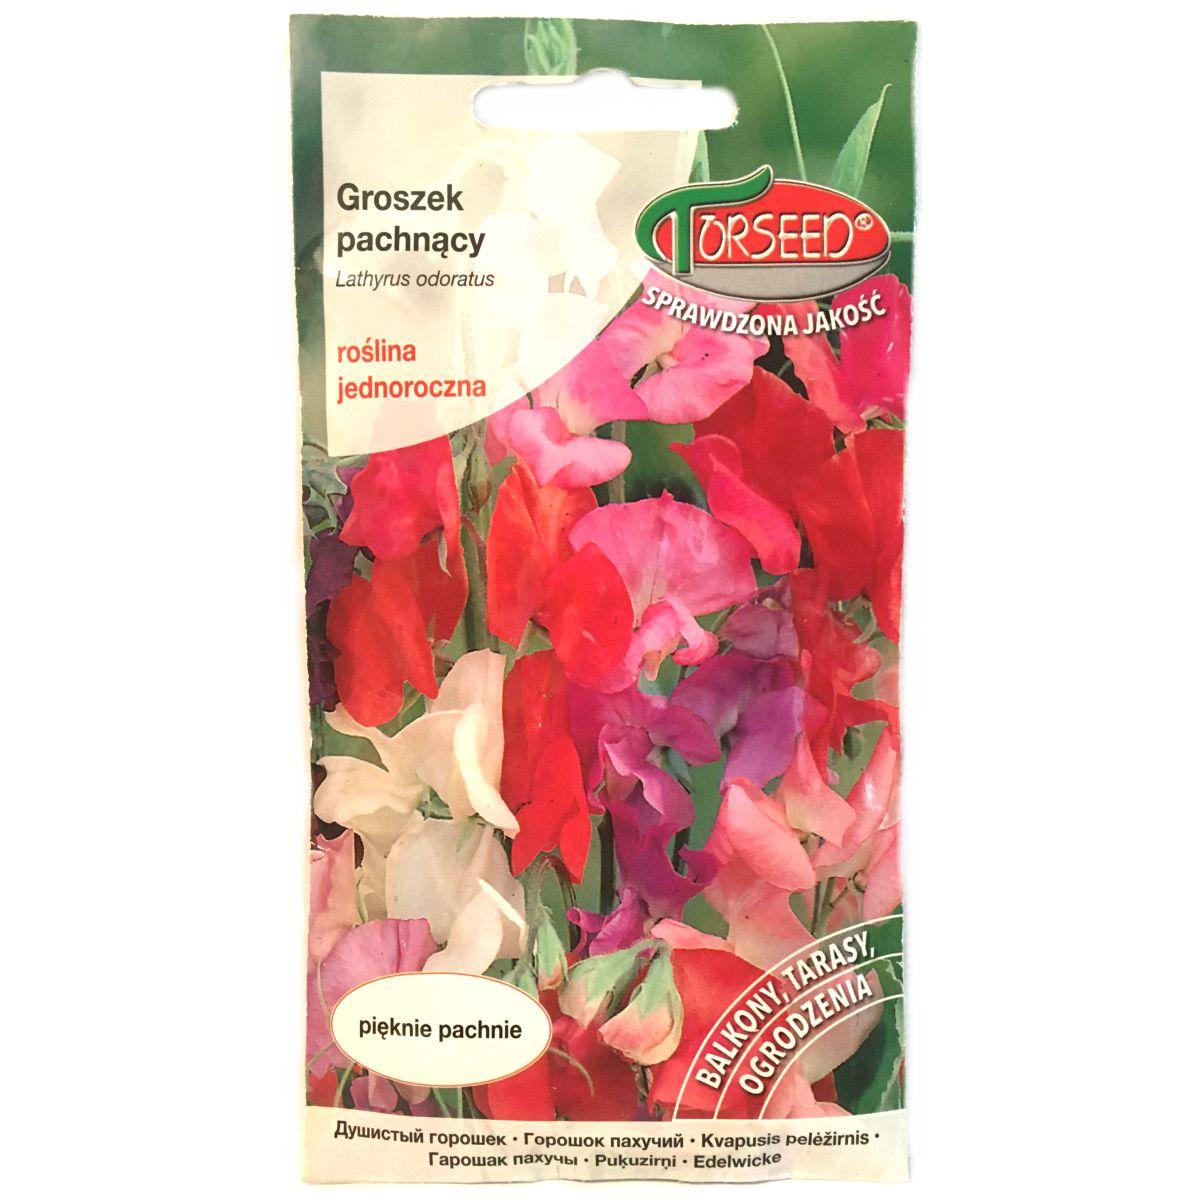 Groszek pachnący nasiona Torseed